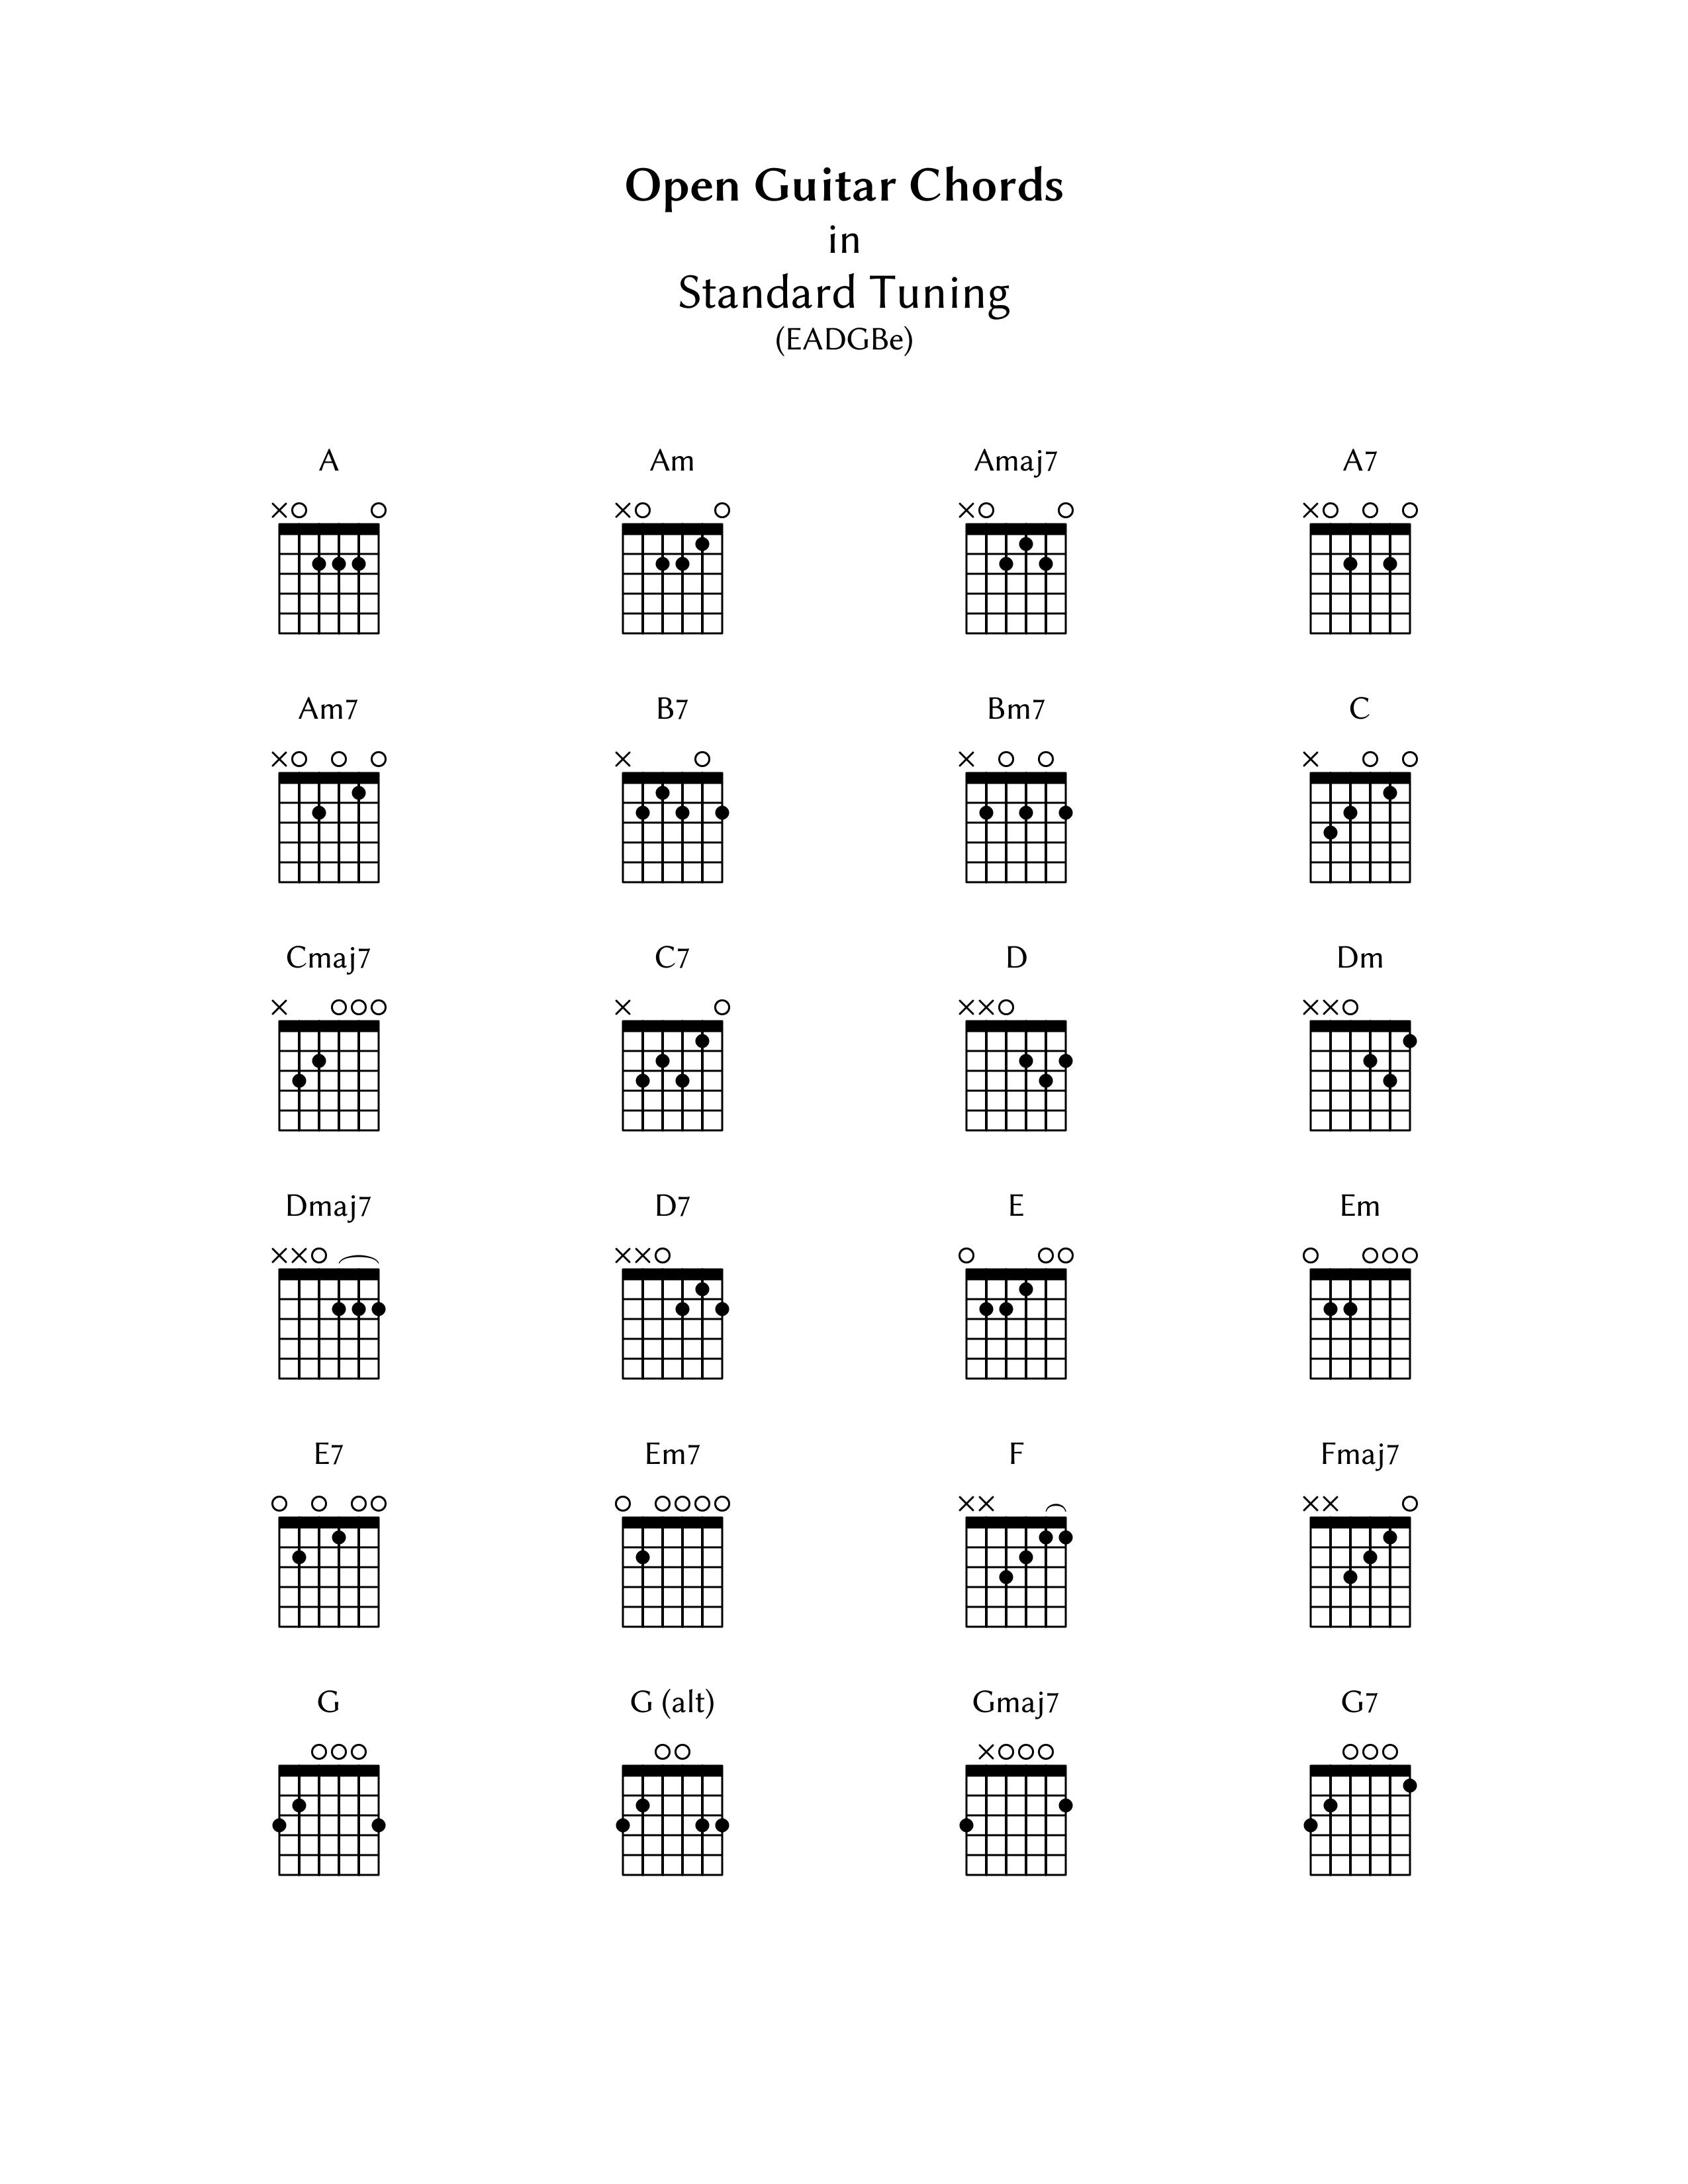 Open Chords Chart Erkalnathandedecker